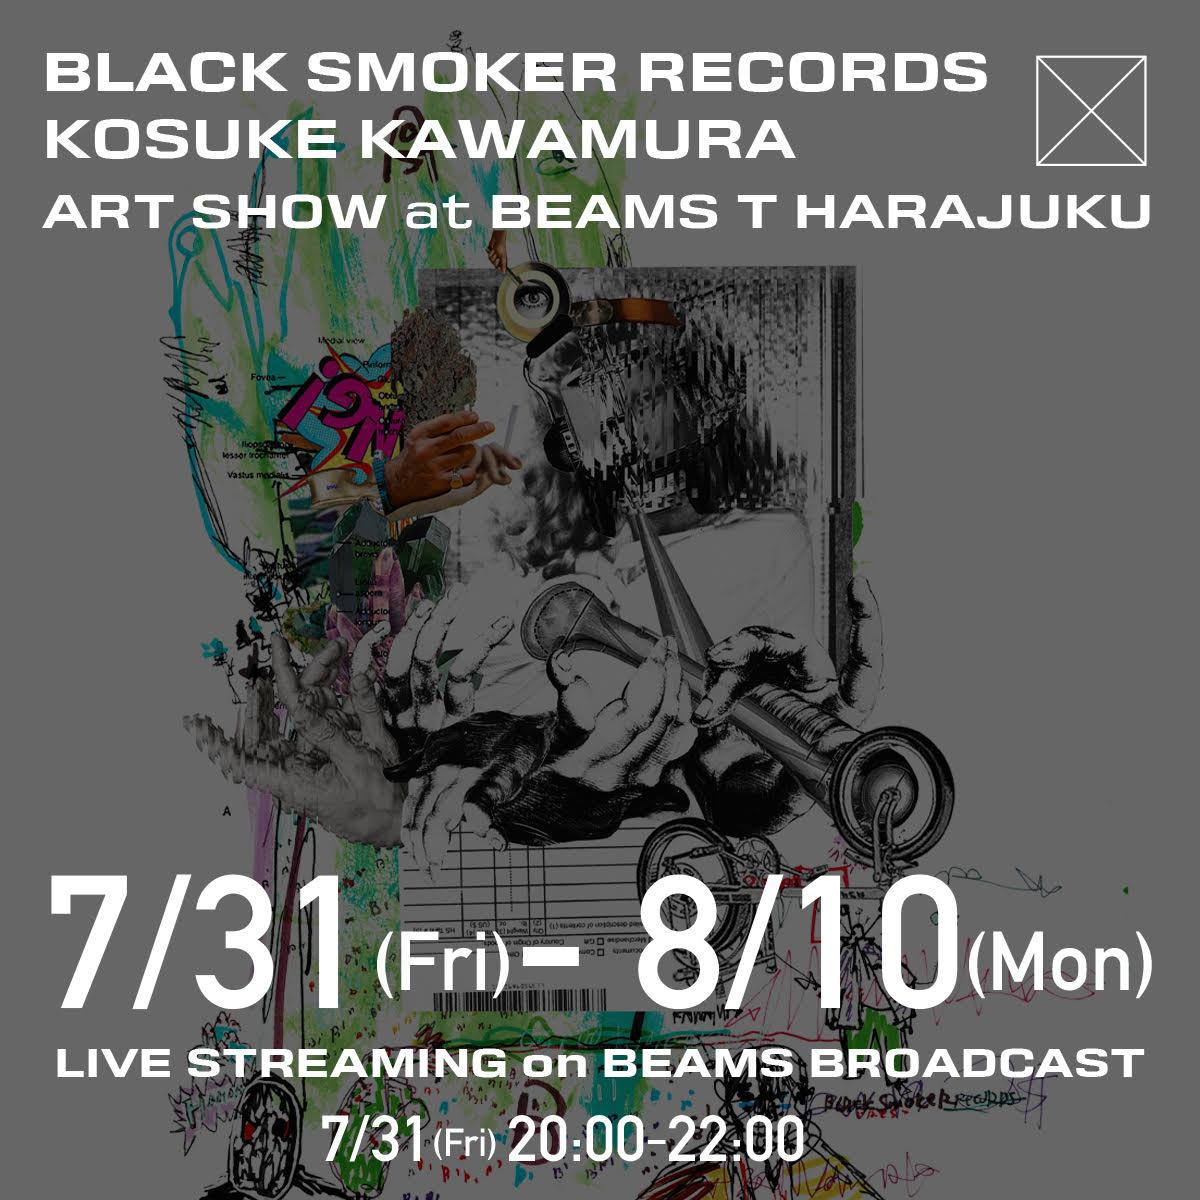 ストリートなイベント【東京】BLACK SMOKER RECORDS KOSUKE KAWAMURA ART SHOW at BEAMS T HARAJUKU 河村康輔とK-BOMBによる合作コラージュをプリントしたフーディーやTシャツを発売!